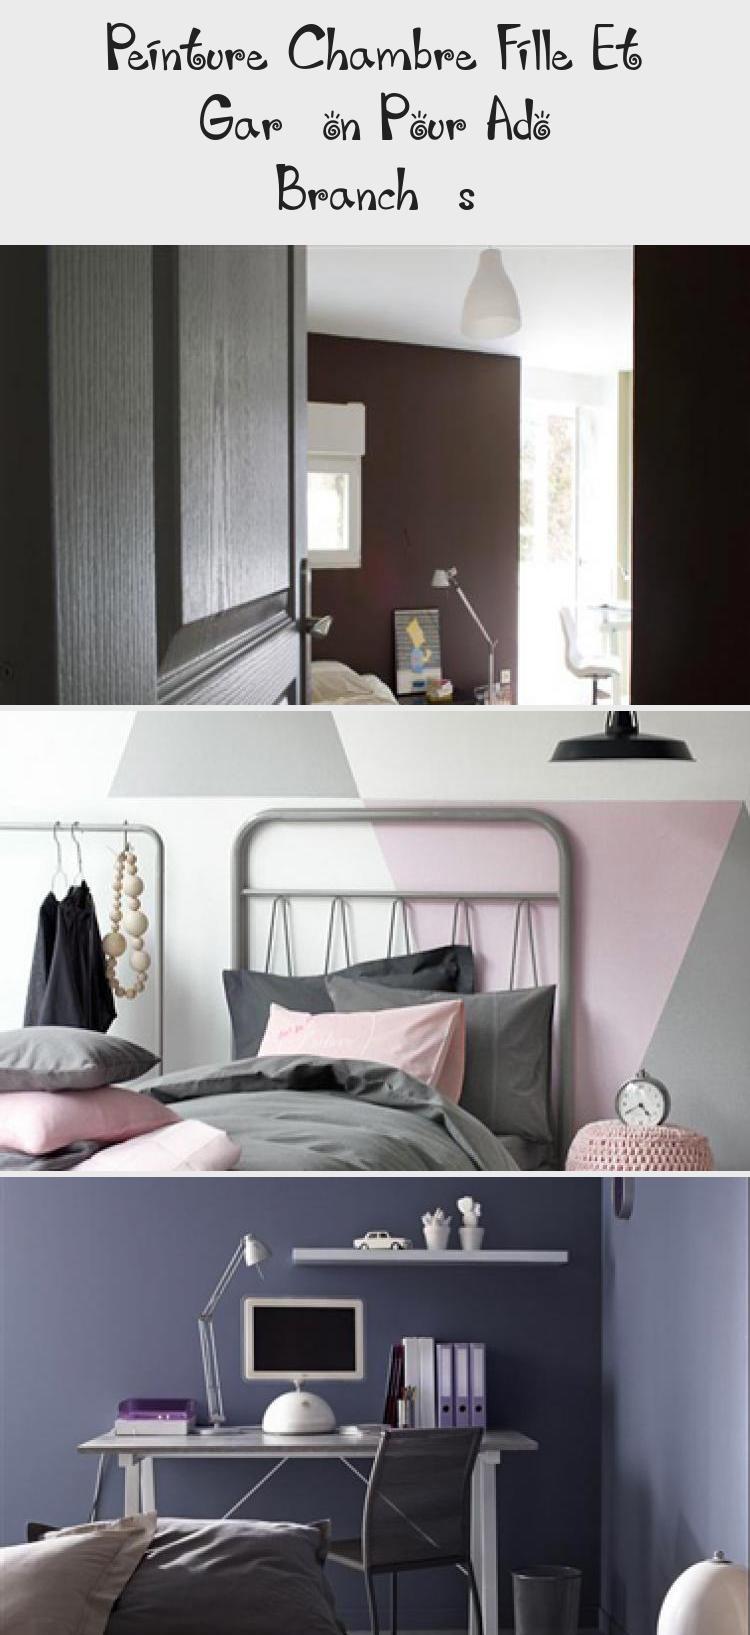 Peinture Chambre Fille Et Garcon Pour Ado Branches Decoration Home Decor Ensuite Home